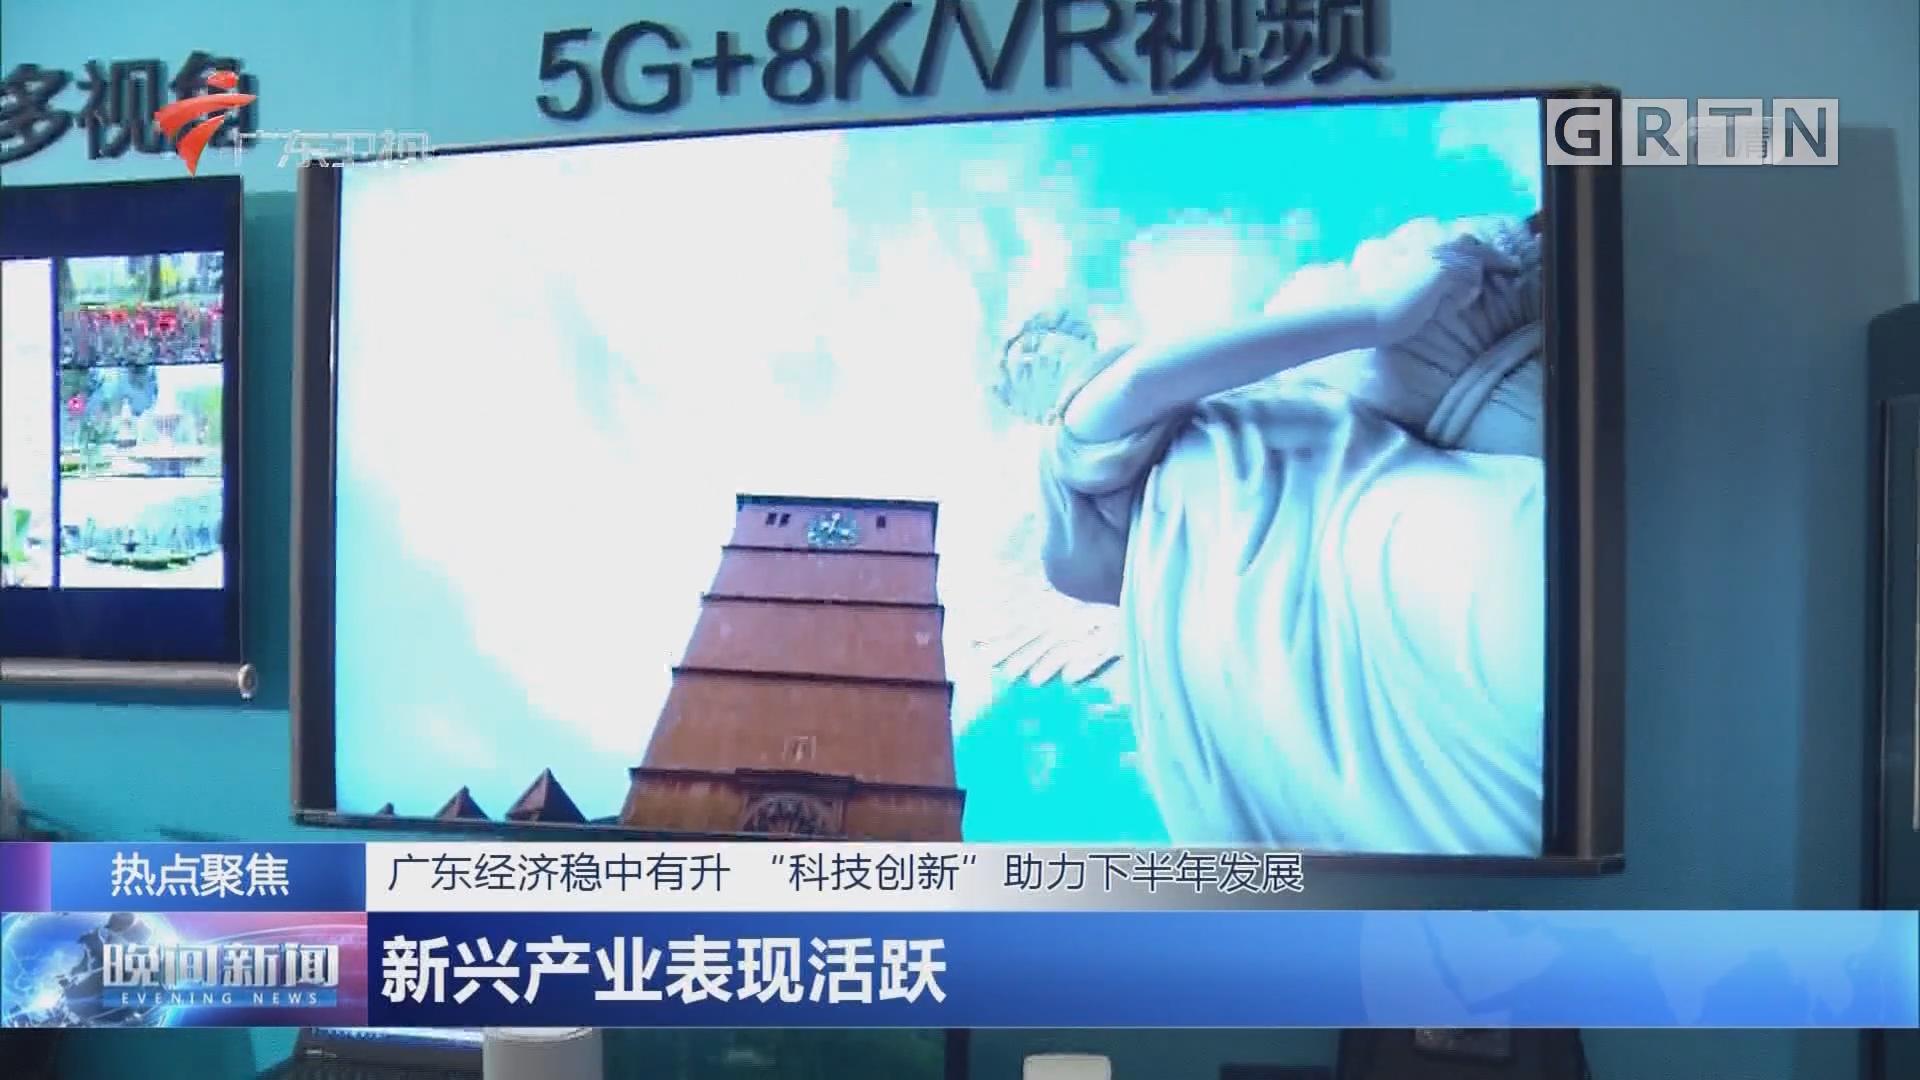 """广东经济稳中有升 """"科技创新""""助力下半年发展:新兴产业表现活跃"""